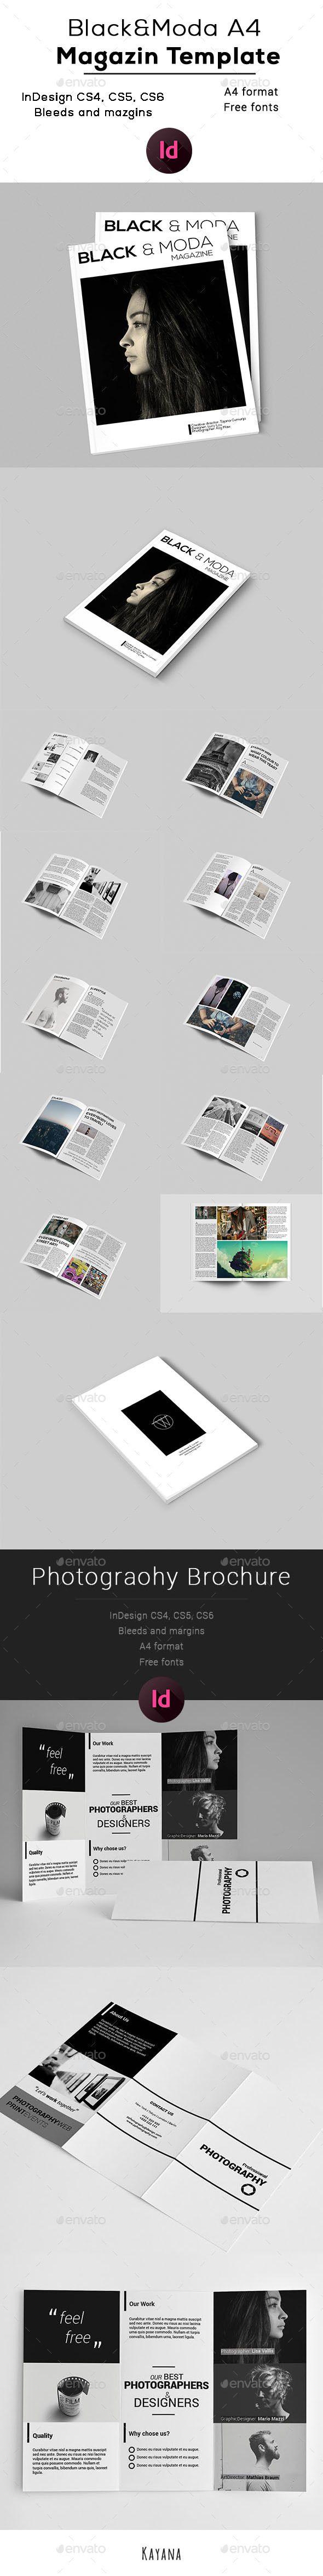 62 besten kayana design Bilder auf Pinterest | Broschüren ...